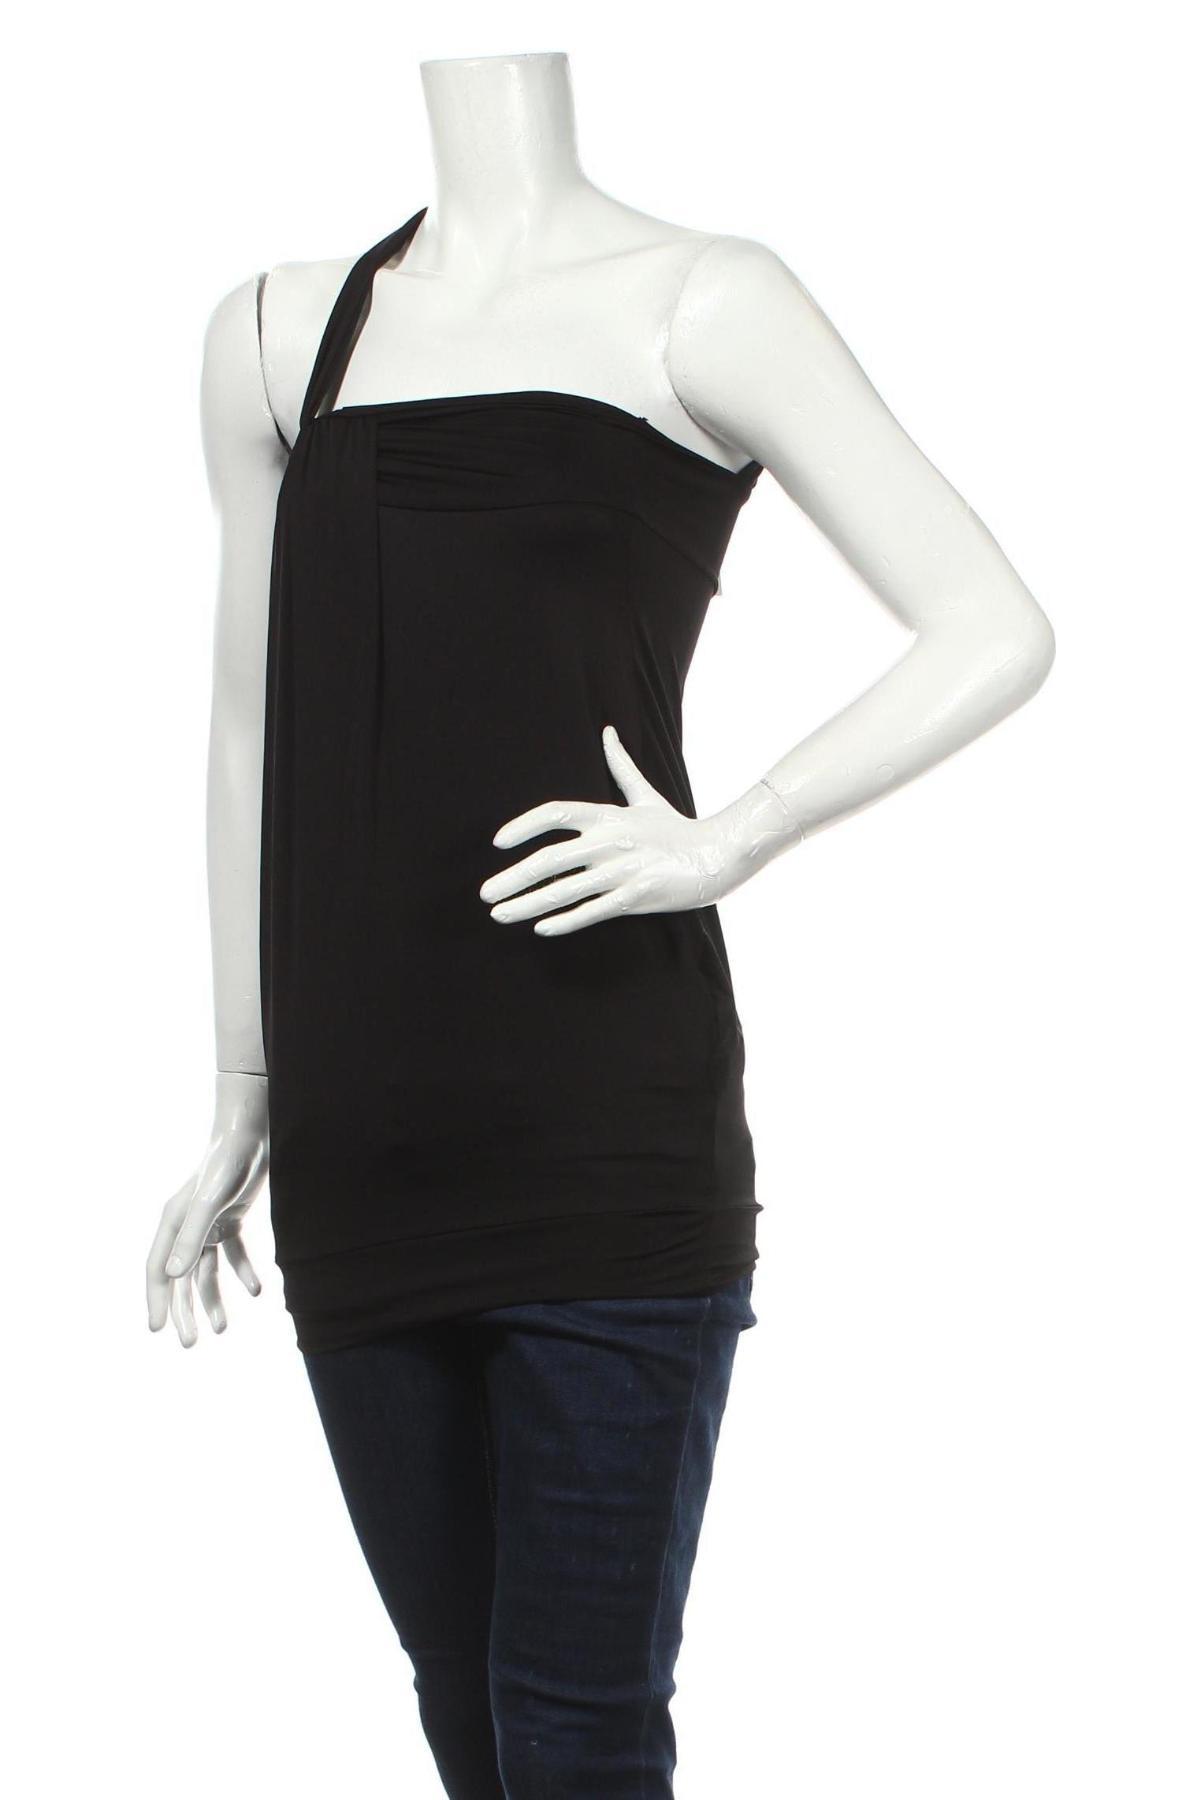 Γυναικείο αμάνικο μπλουζάκι Phard, Μέγεθος XS, Χρώμα Μαύρο, 95% πολυεστέρας, 5% ελαστάνη, Τιμή 3,64€